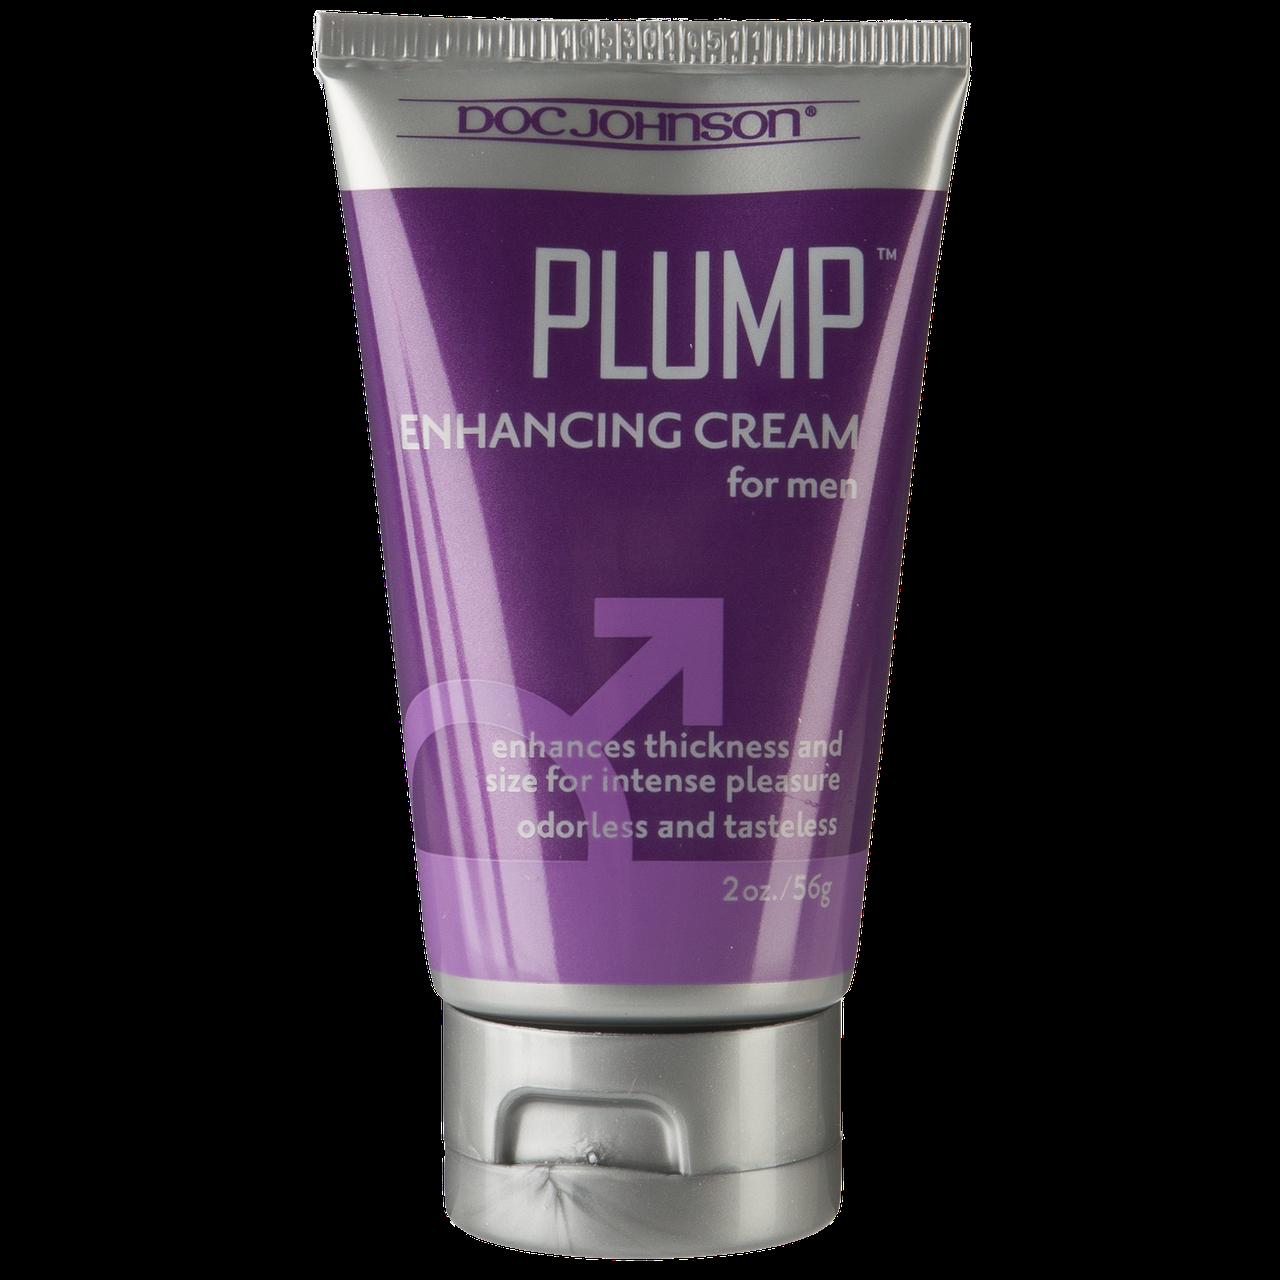 Крем для увеличения пениса Doc Johnson Plump - Enhancing Cream For Men (56 грамм)